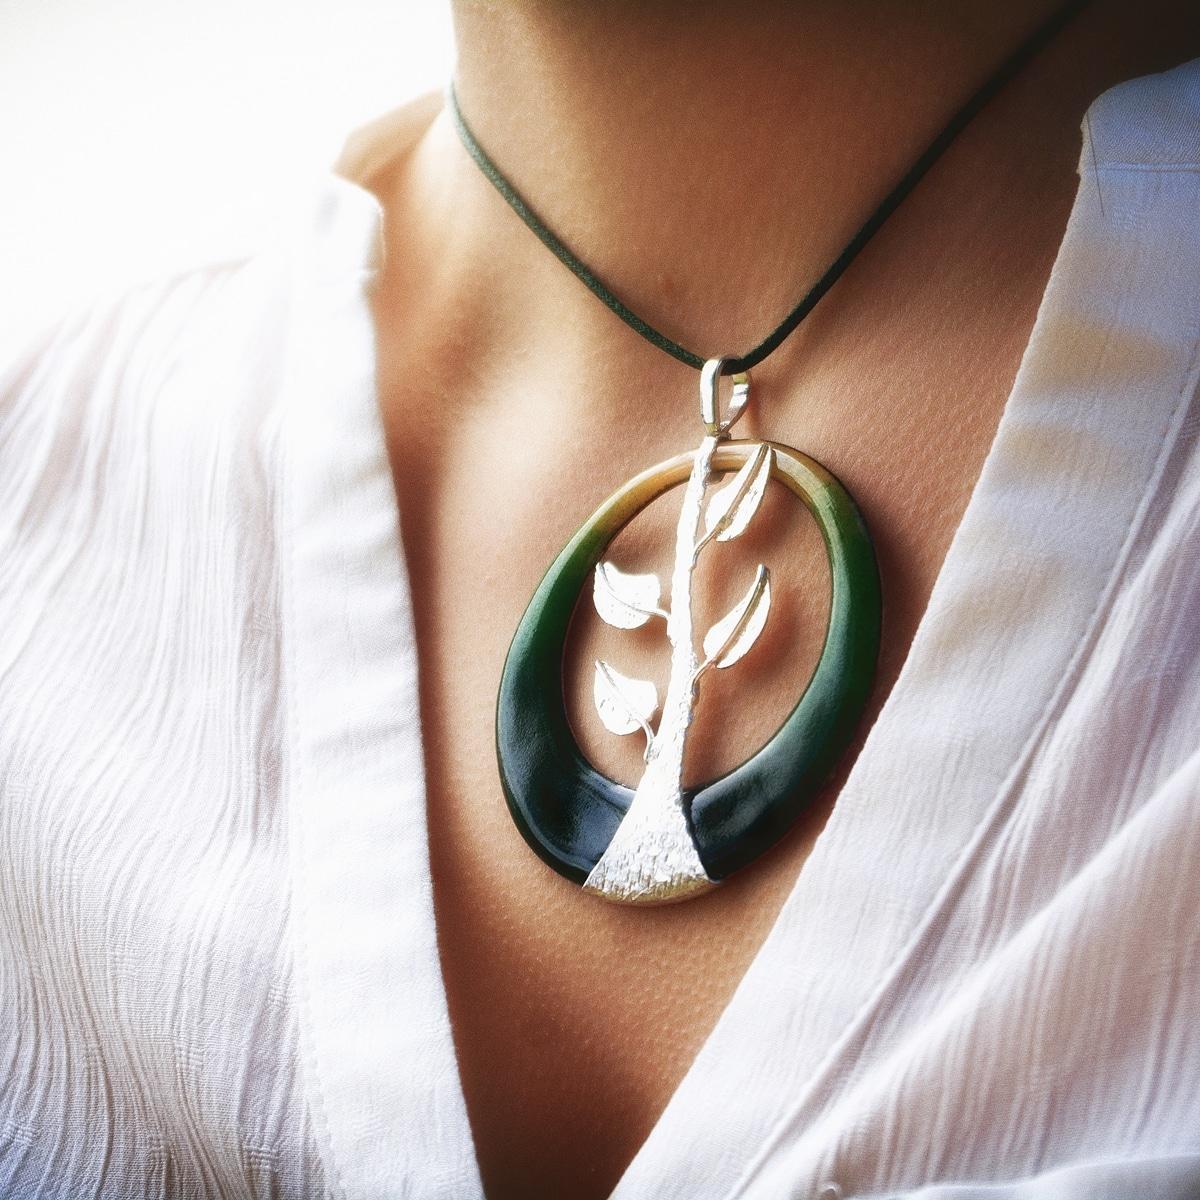 Colgante de diseño modelo Árbore, joyería de diseño en plata y esmalte al fuego. Joyas Siliva.